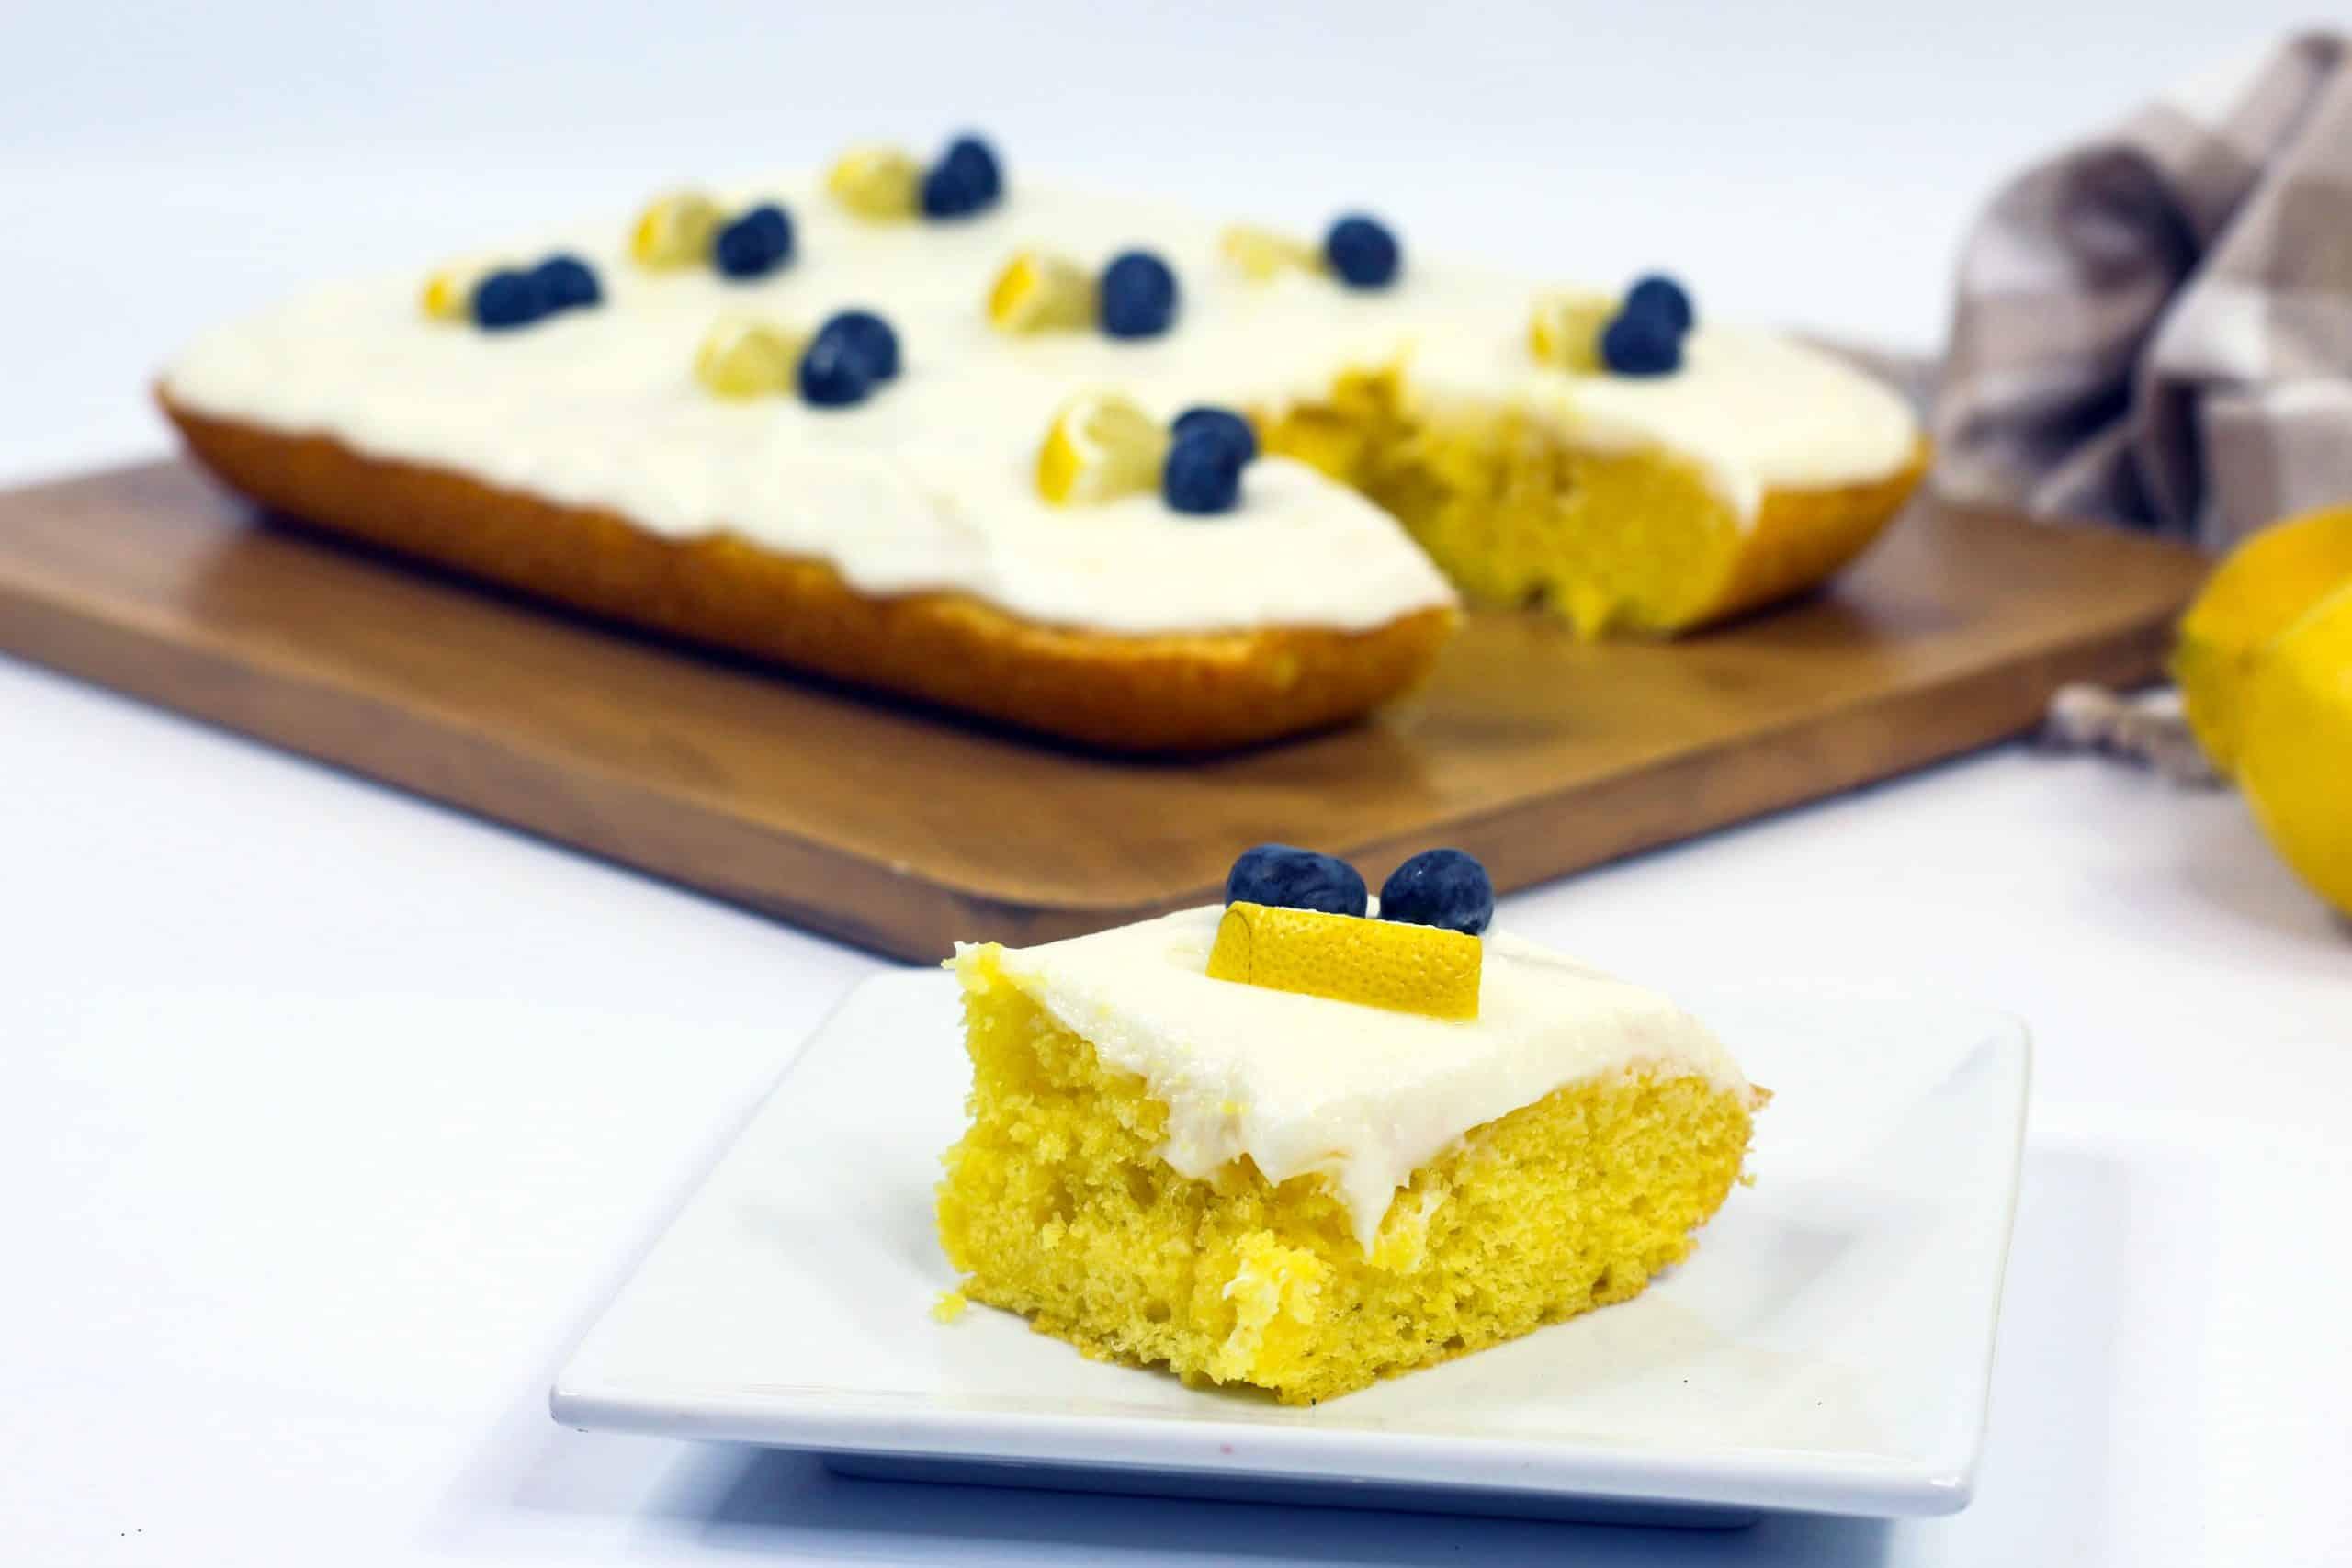 Slice of lemon sheet cake on plate